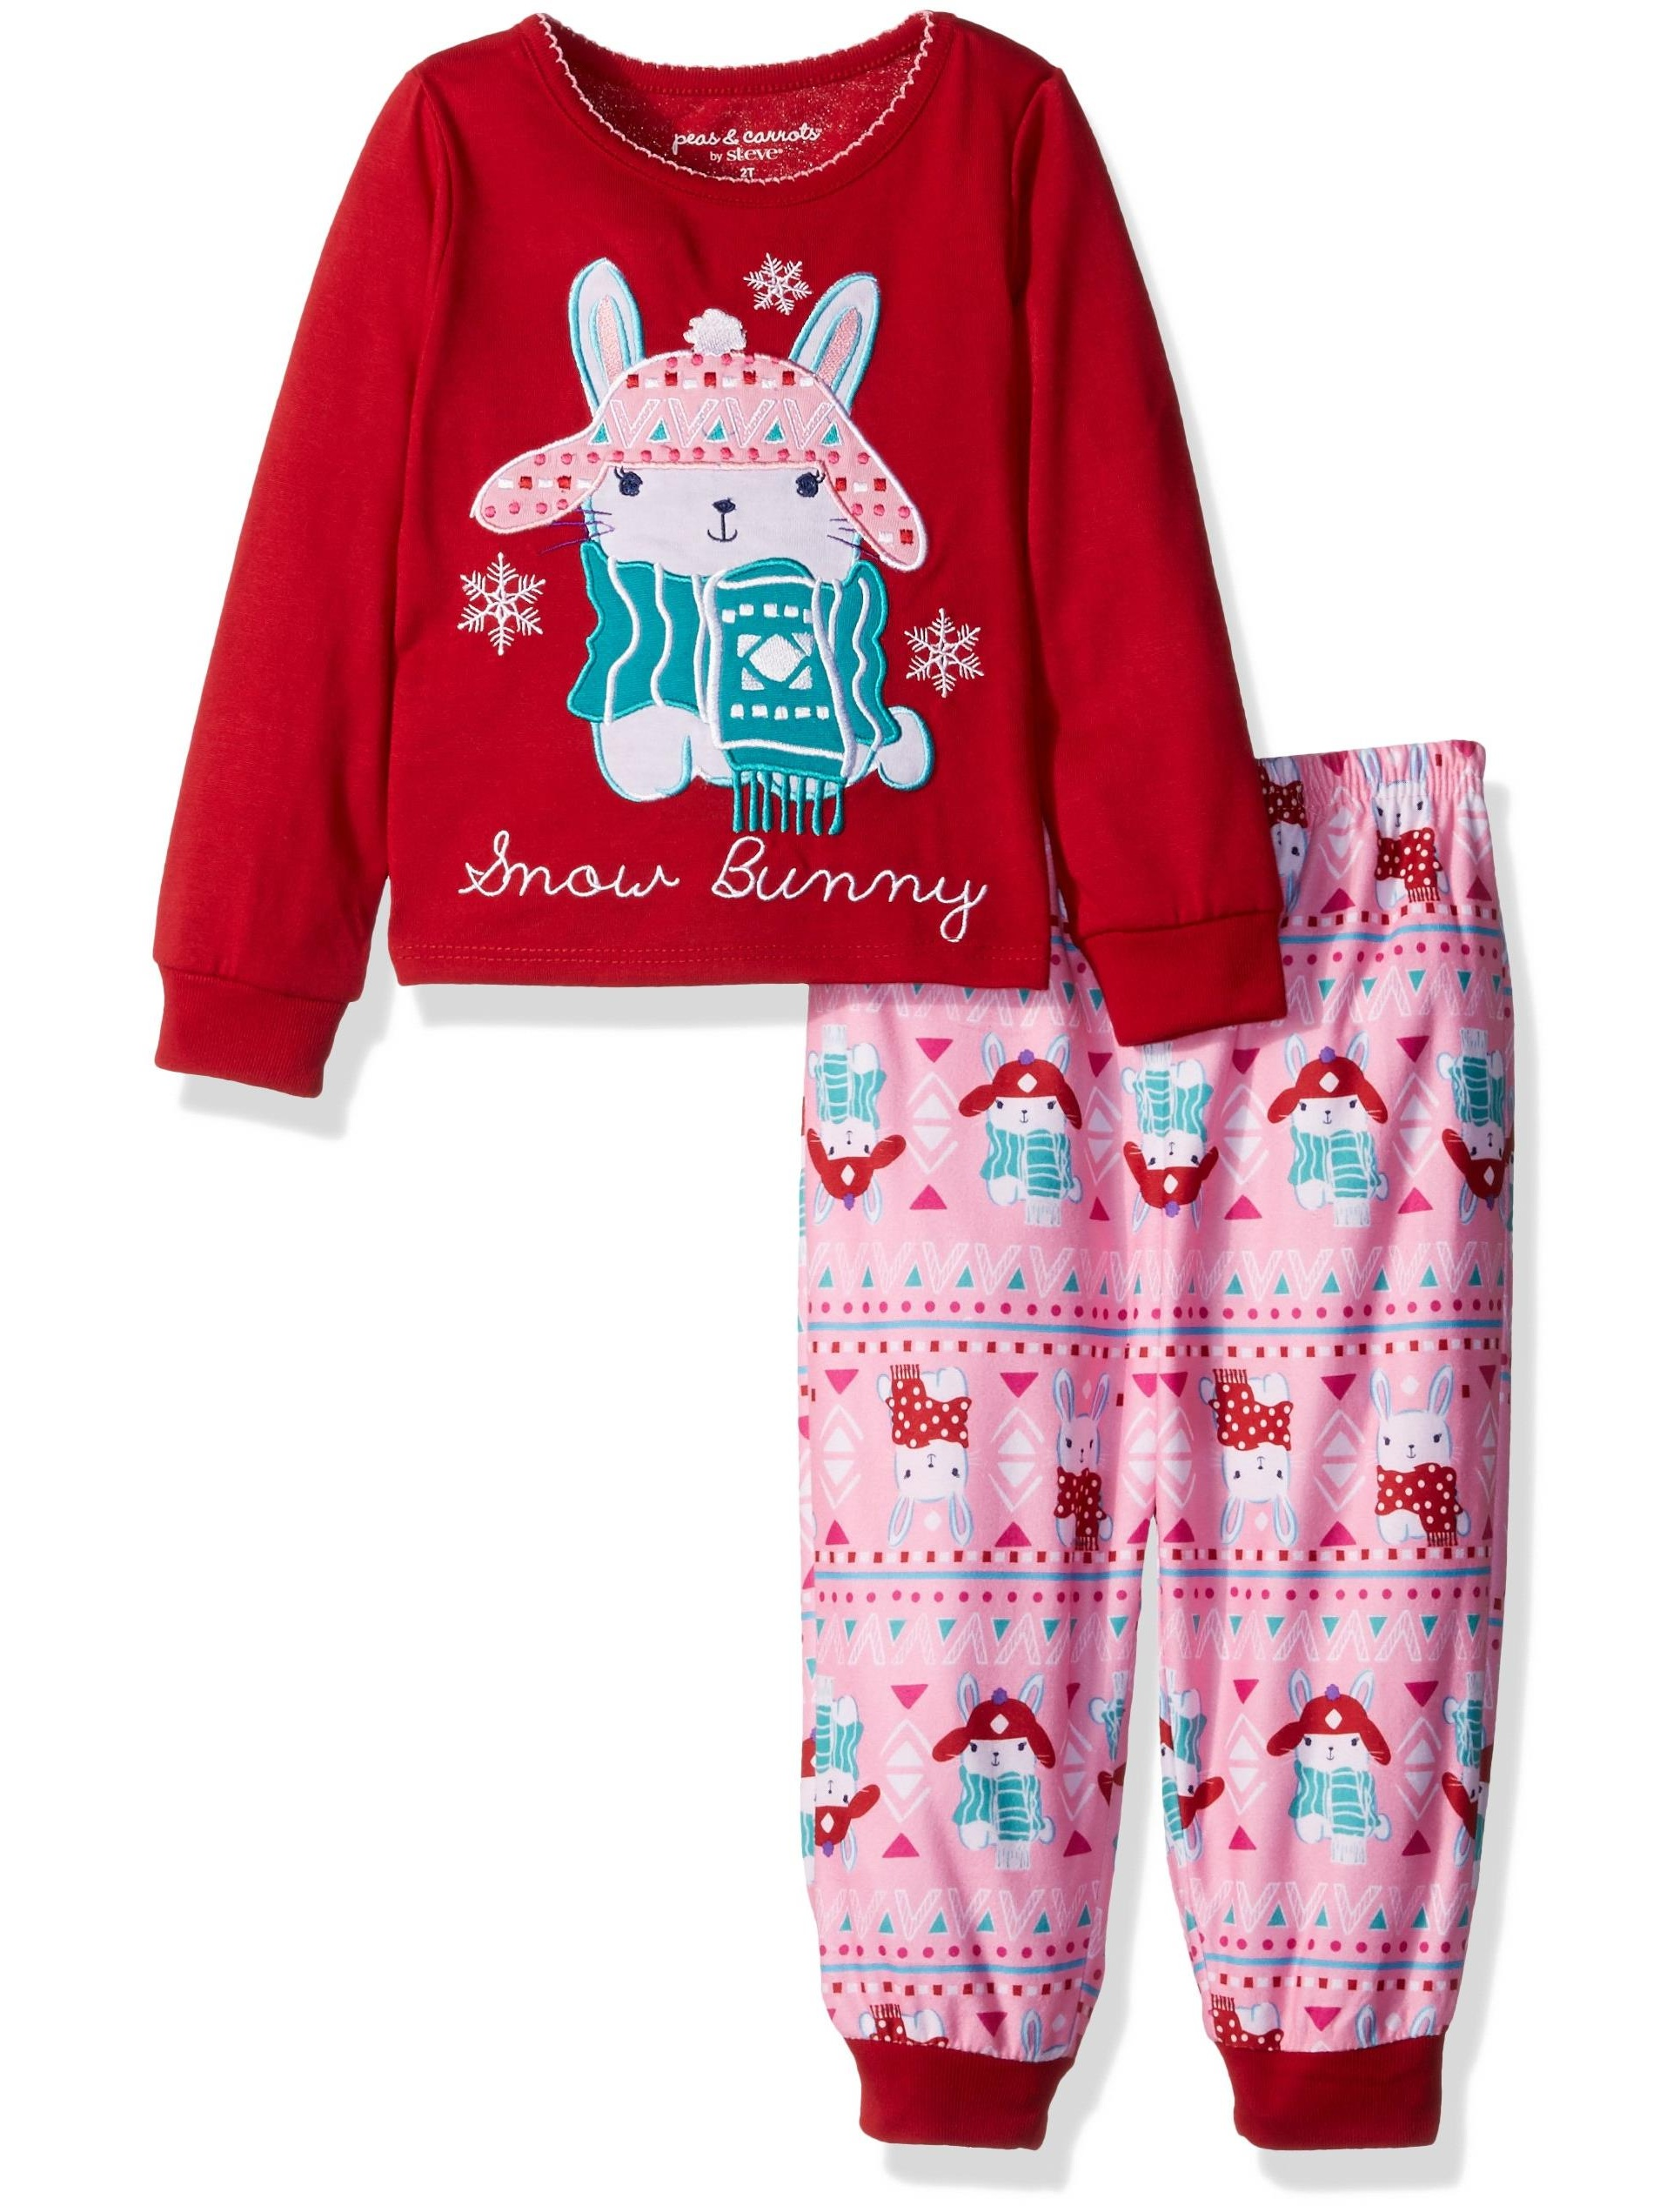 Komar Kids Girls' Snow Bunny 2pc Sleepwear Set